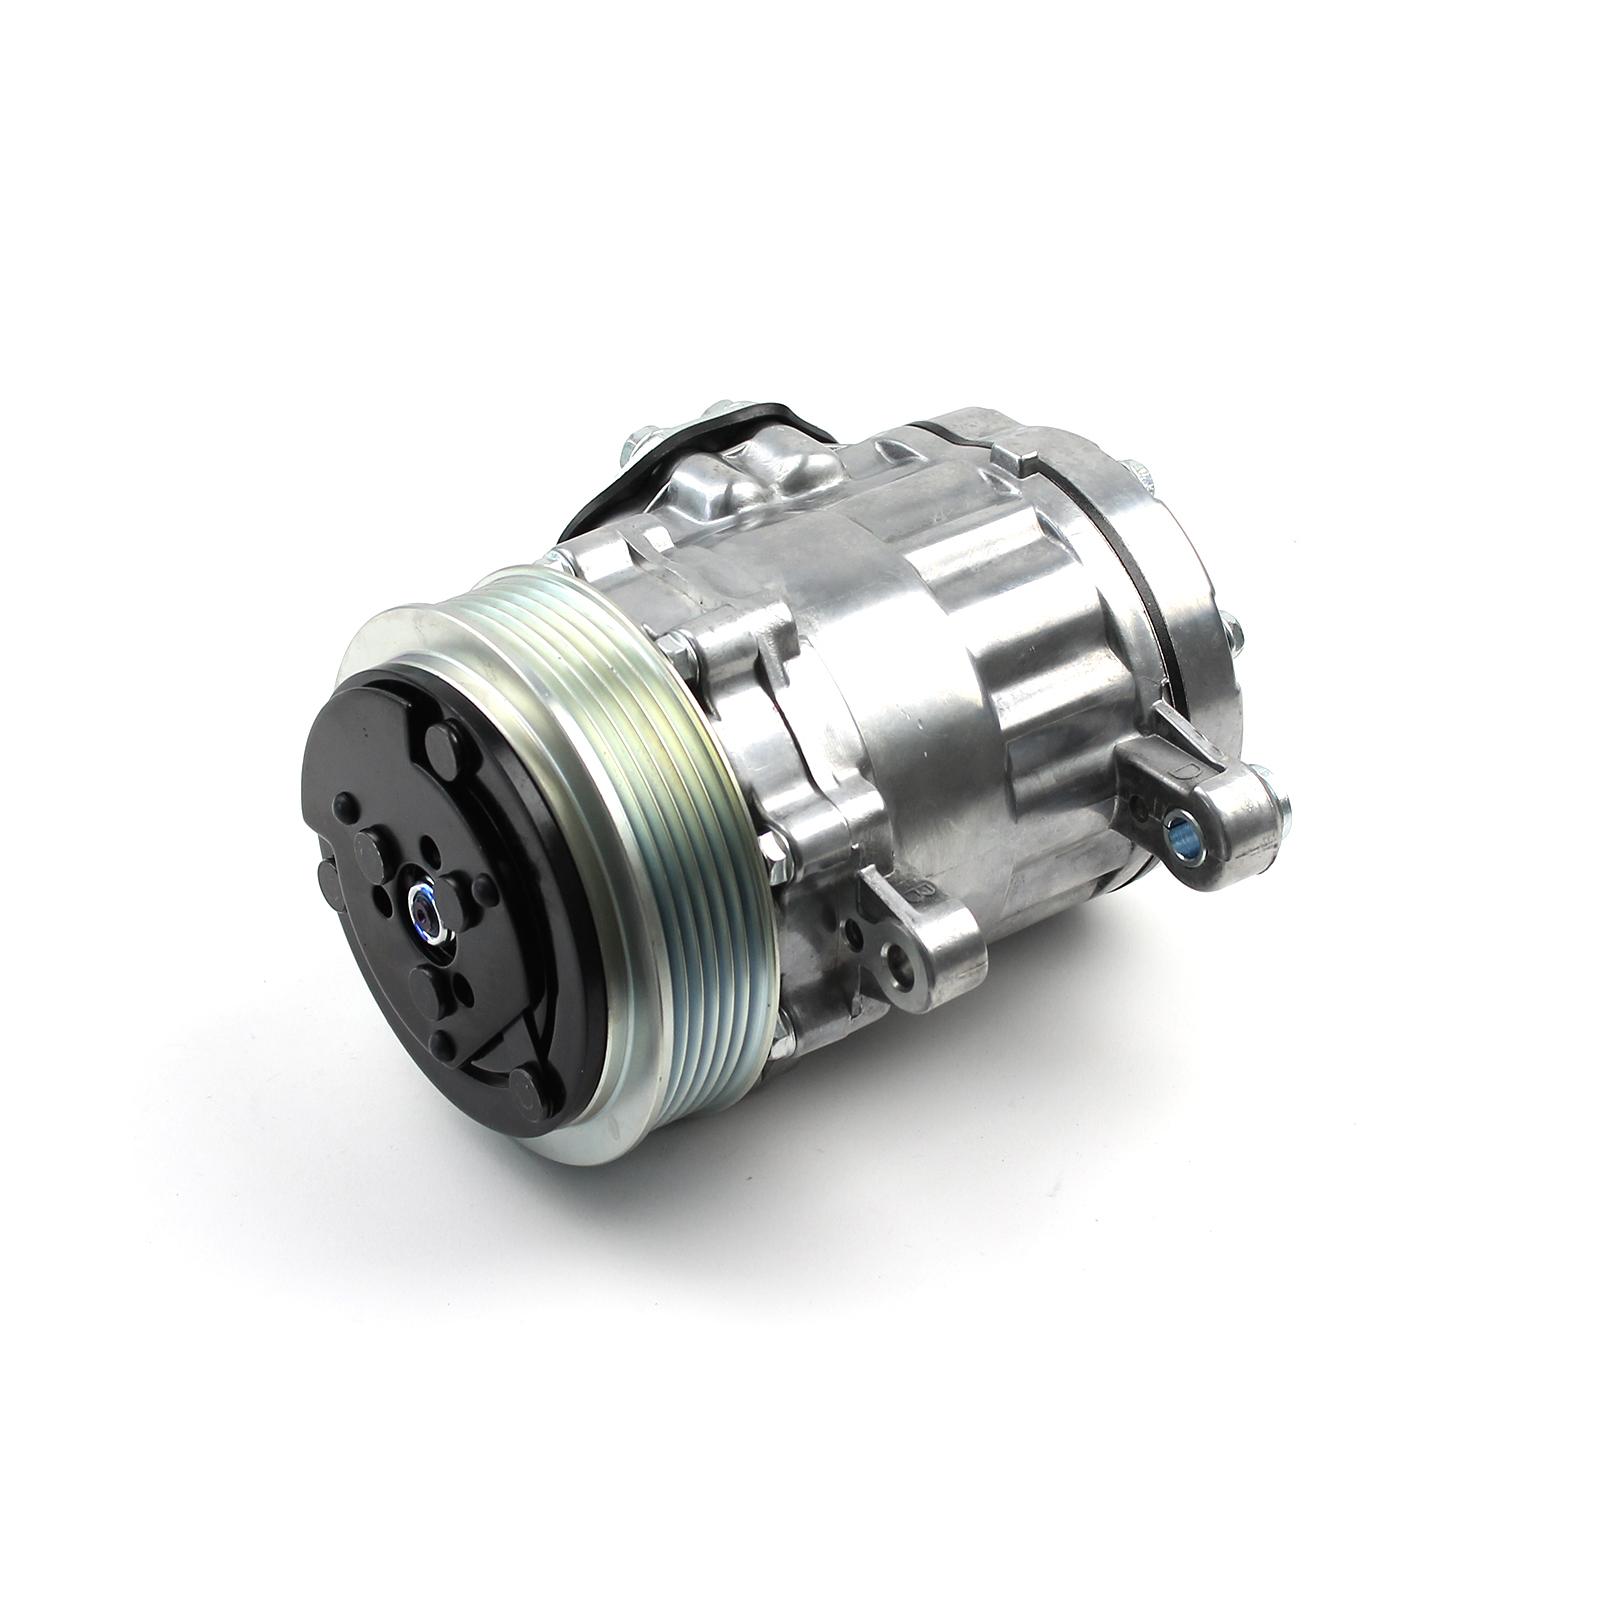 Serpentine Belt Sanden Style 7176 Small Body Satin Air Compressor